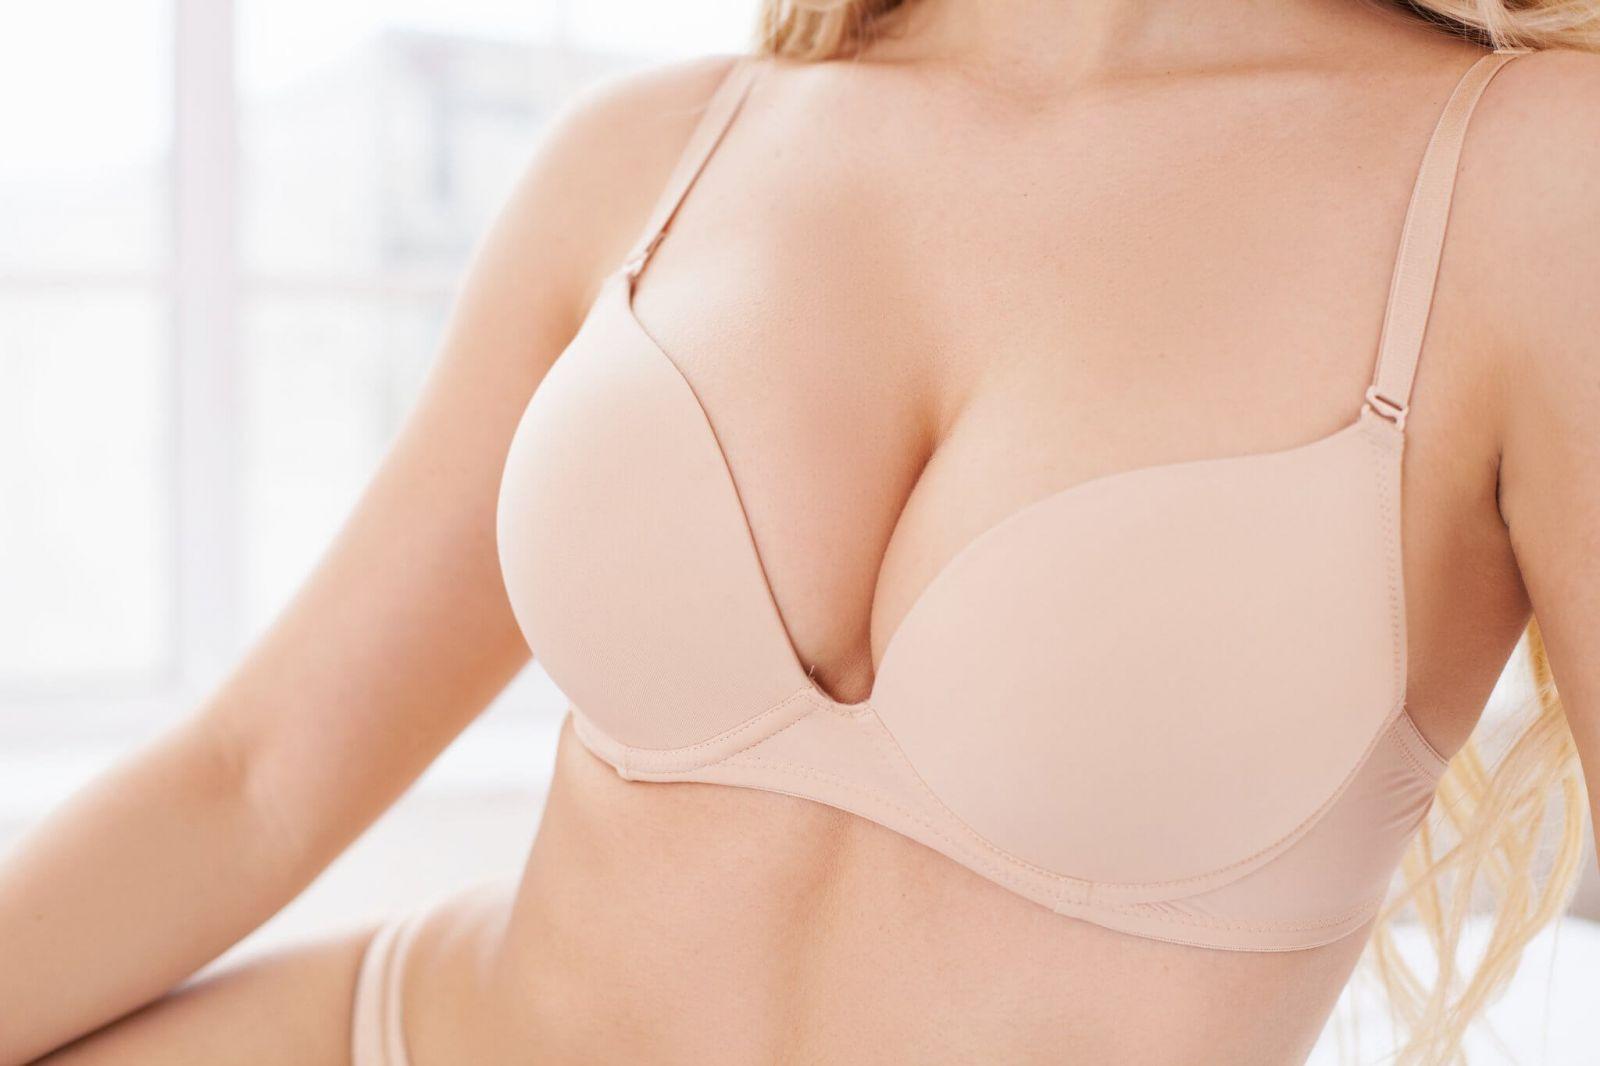 TMV Quốc tế Venus là địa chỉ nâng ngực túi giọt nước uy tín hàng đầu hiện nay